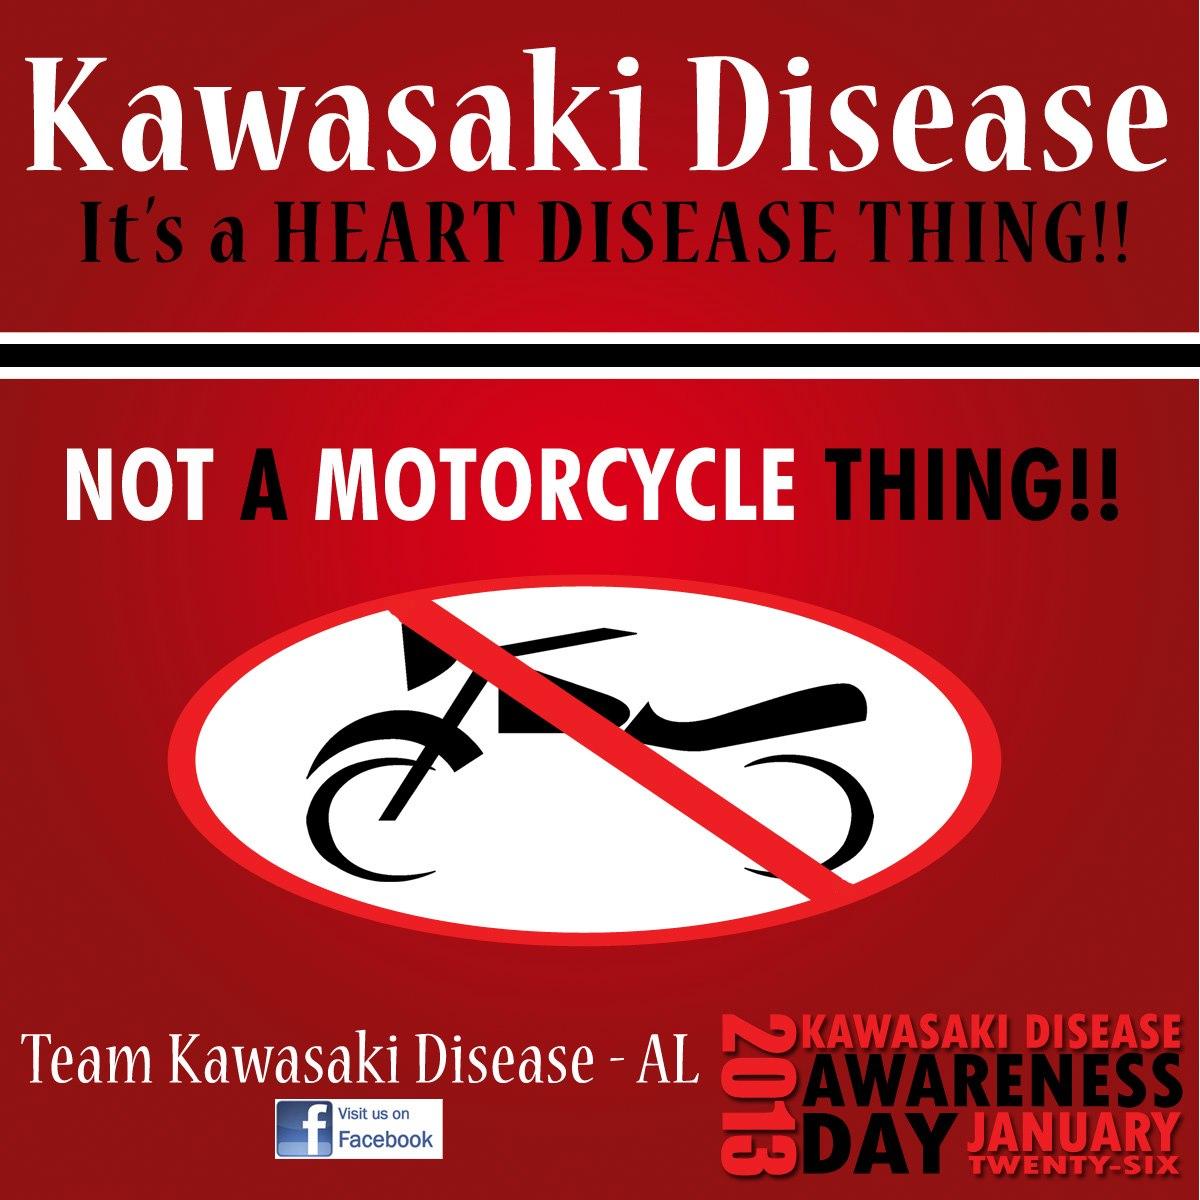 National Kawasaki Disease Awareness Day